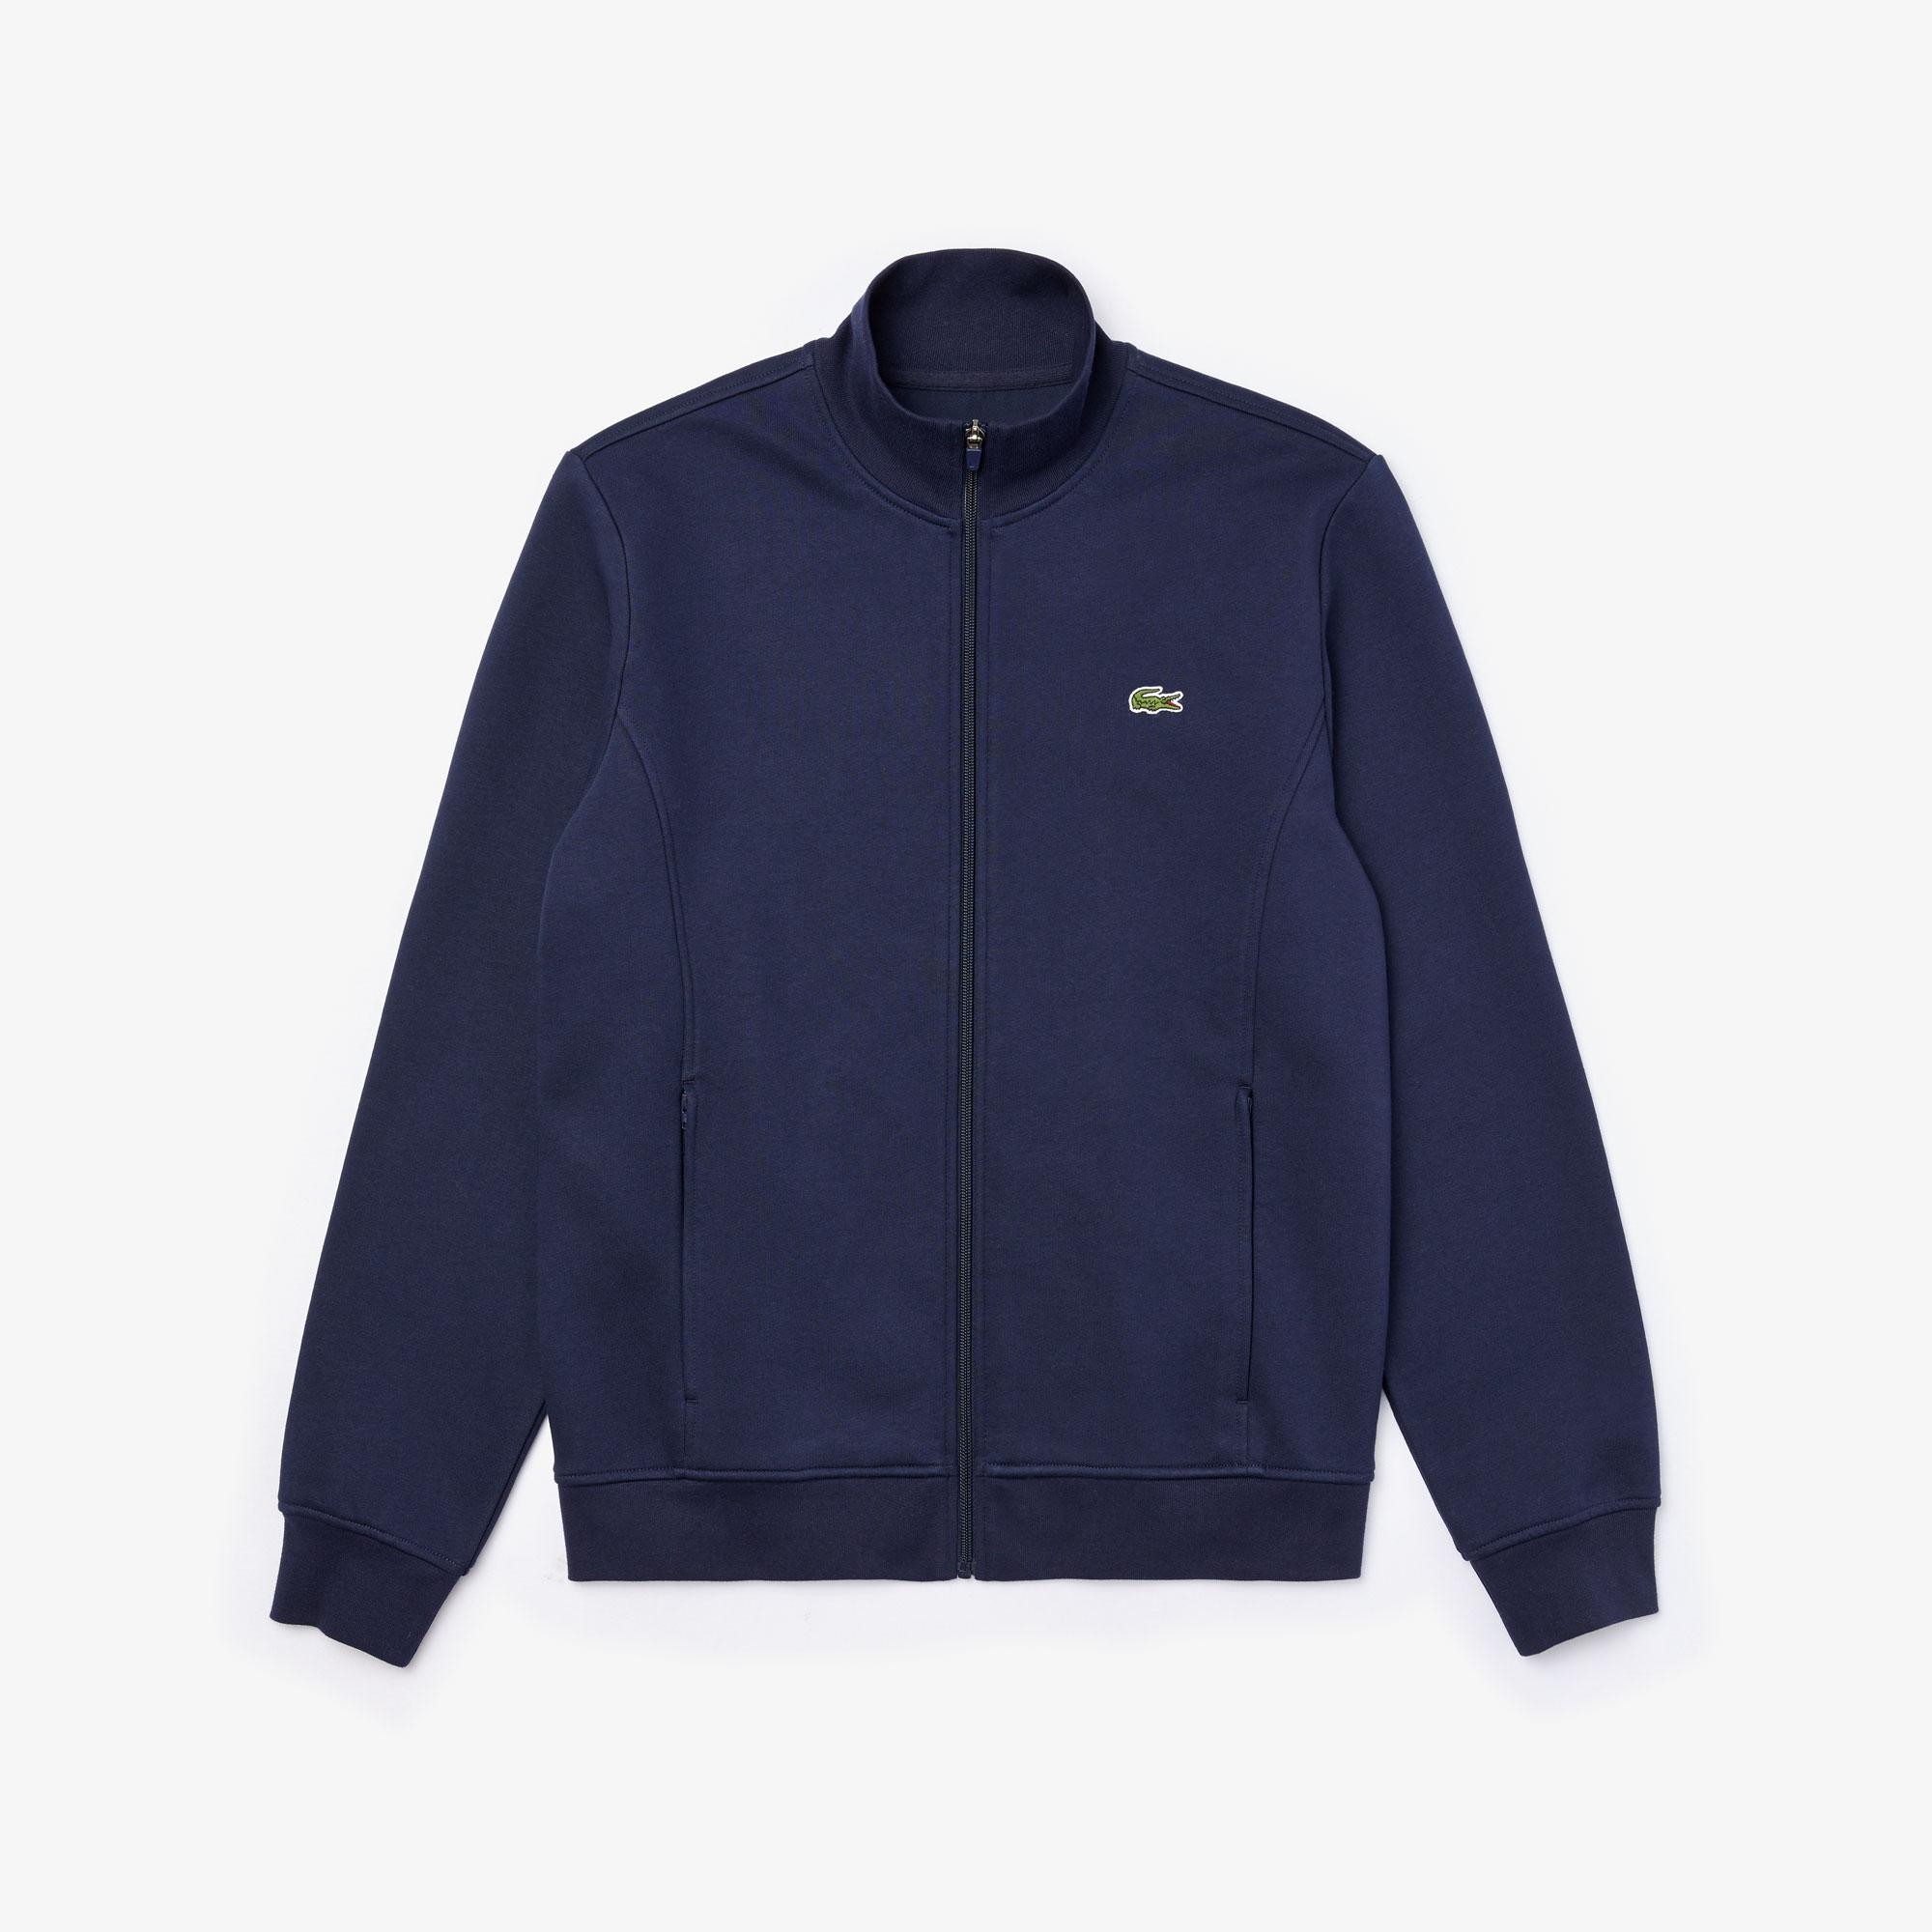 Lacoste Sport Zip Sweatshirt, Blå, L